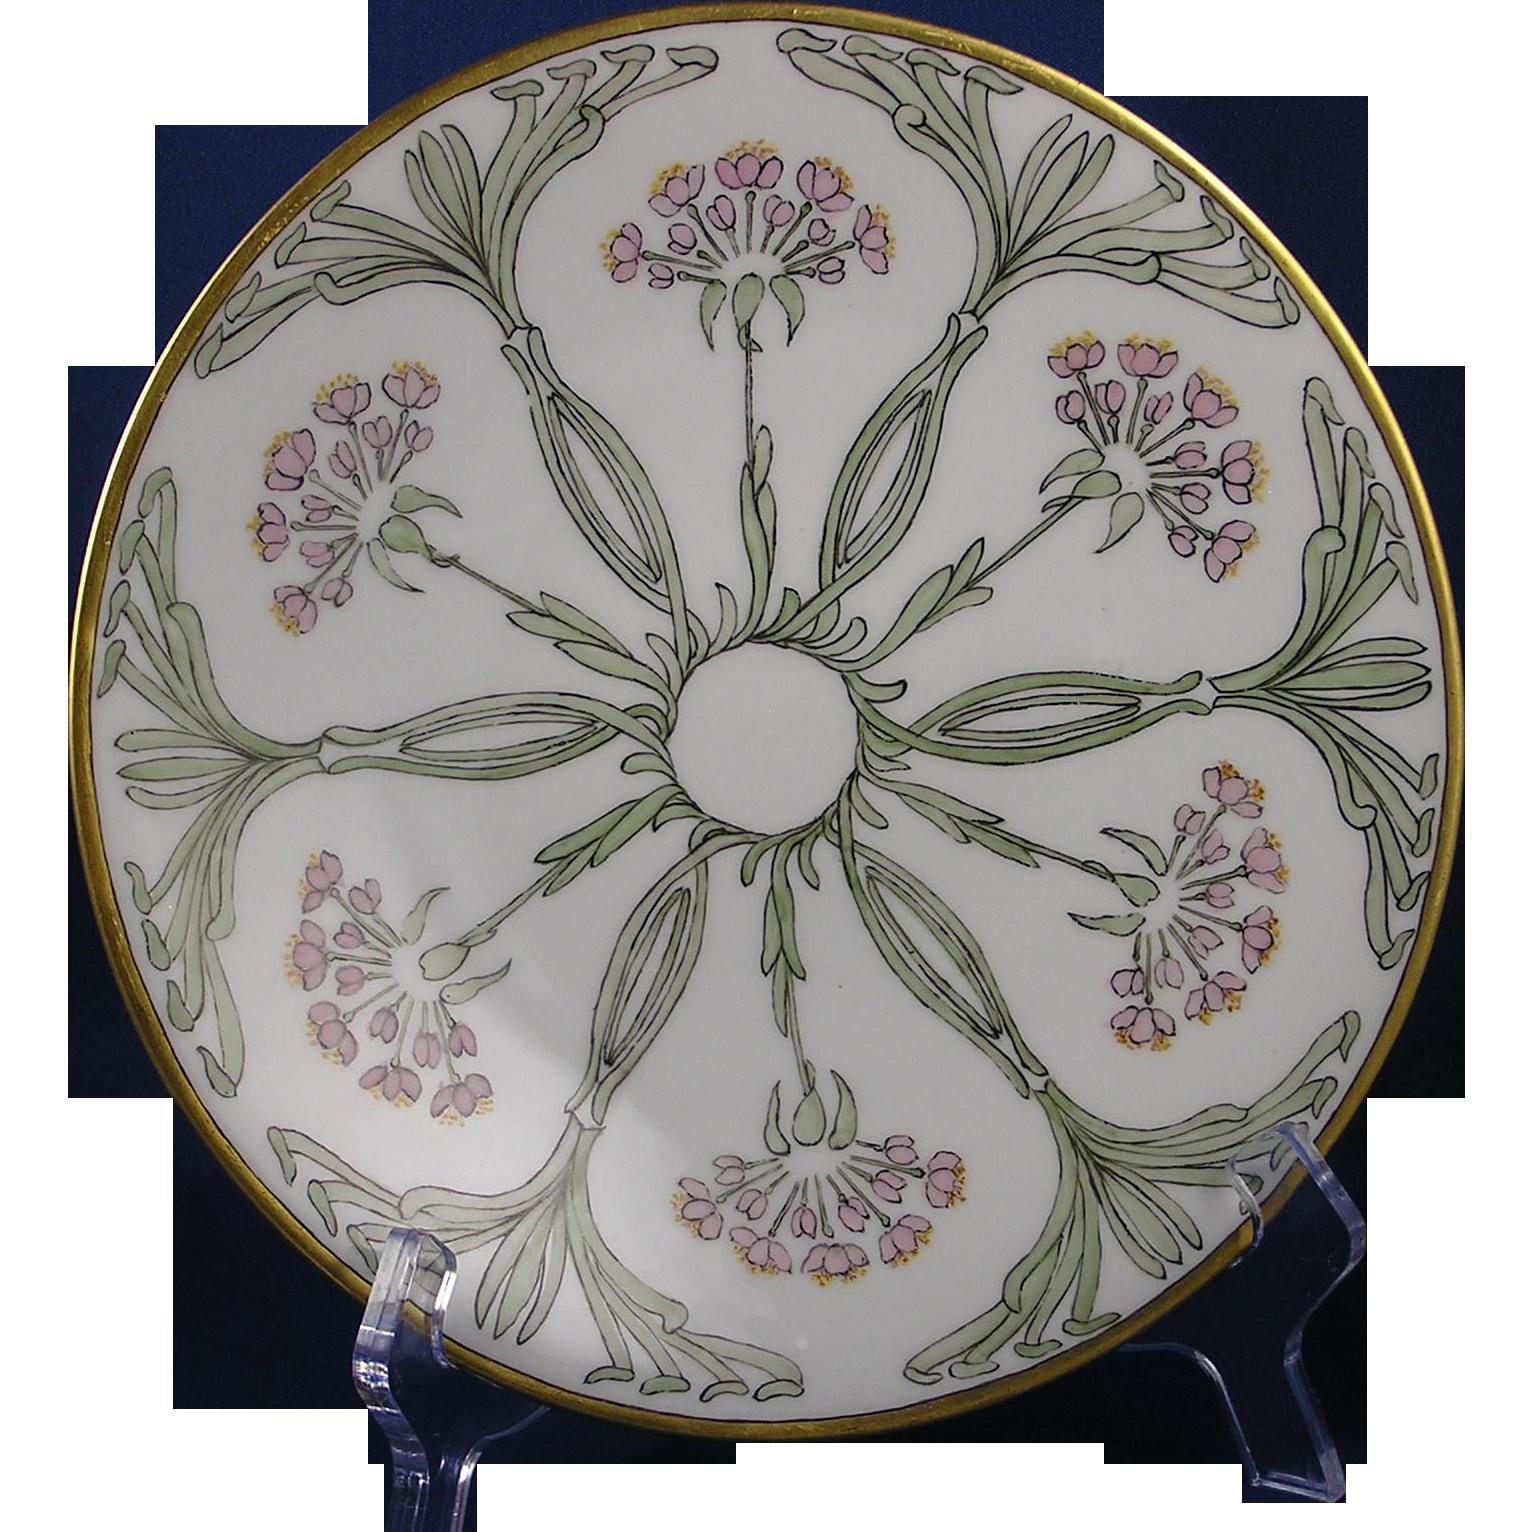 jean pouyat jp limoges arts crafts floral motif plate. Black Bedroom Furniture Sets. Home Design Ideas